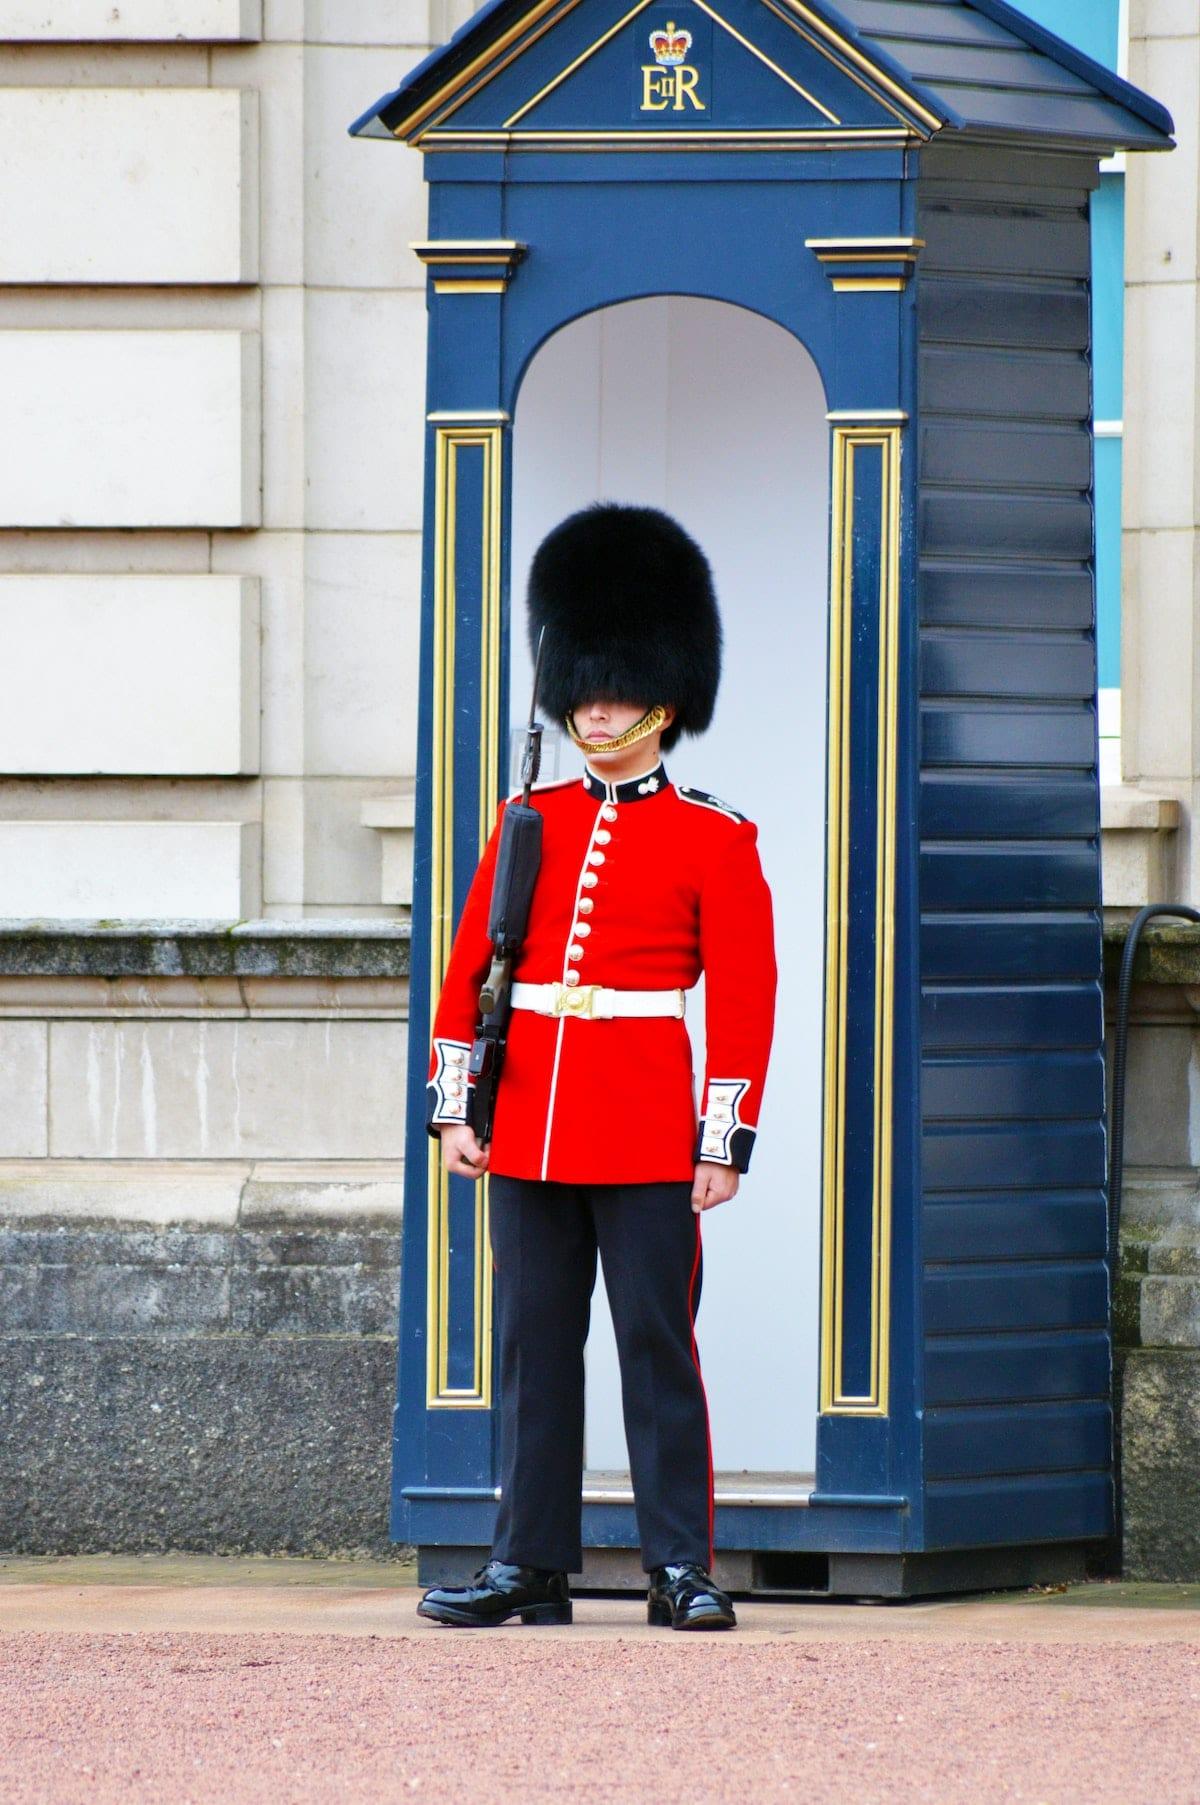 London Wachmänner flauschige Bärenmützen Buckingham Palast